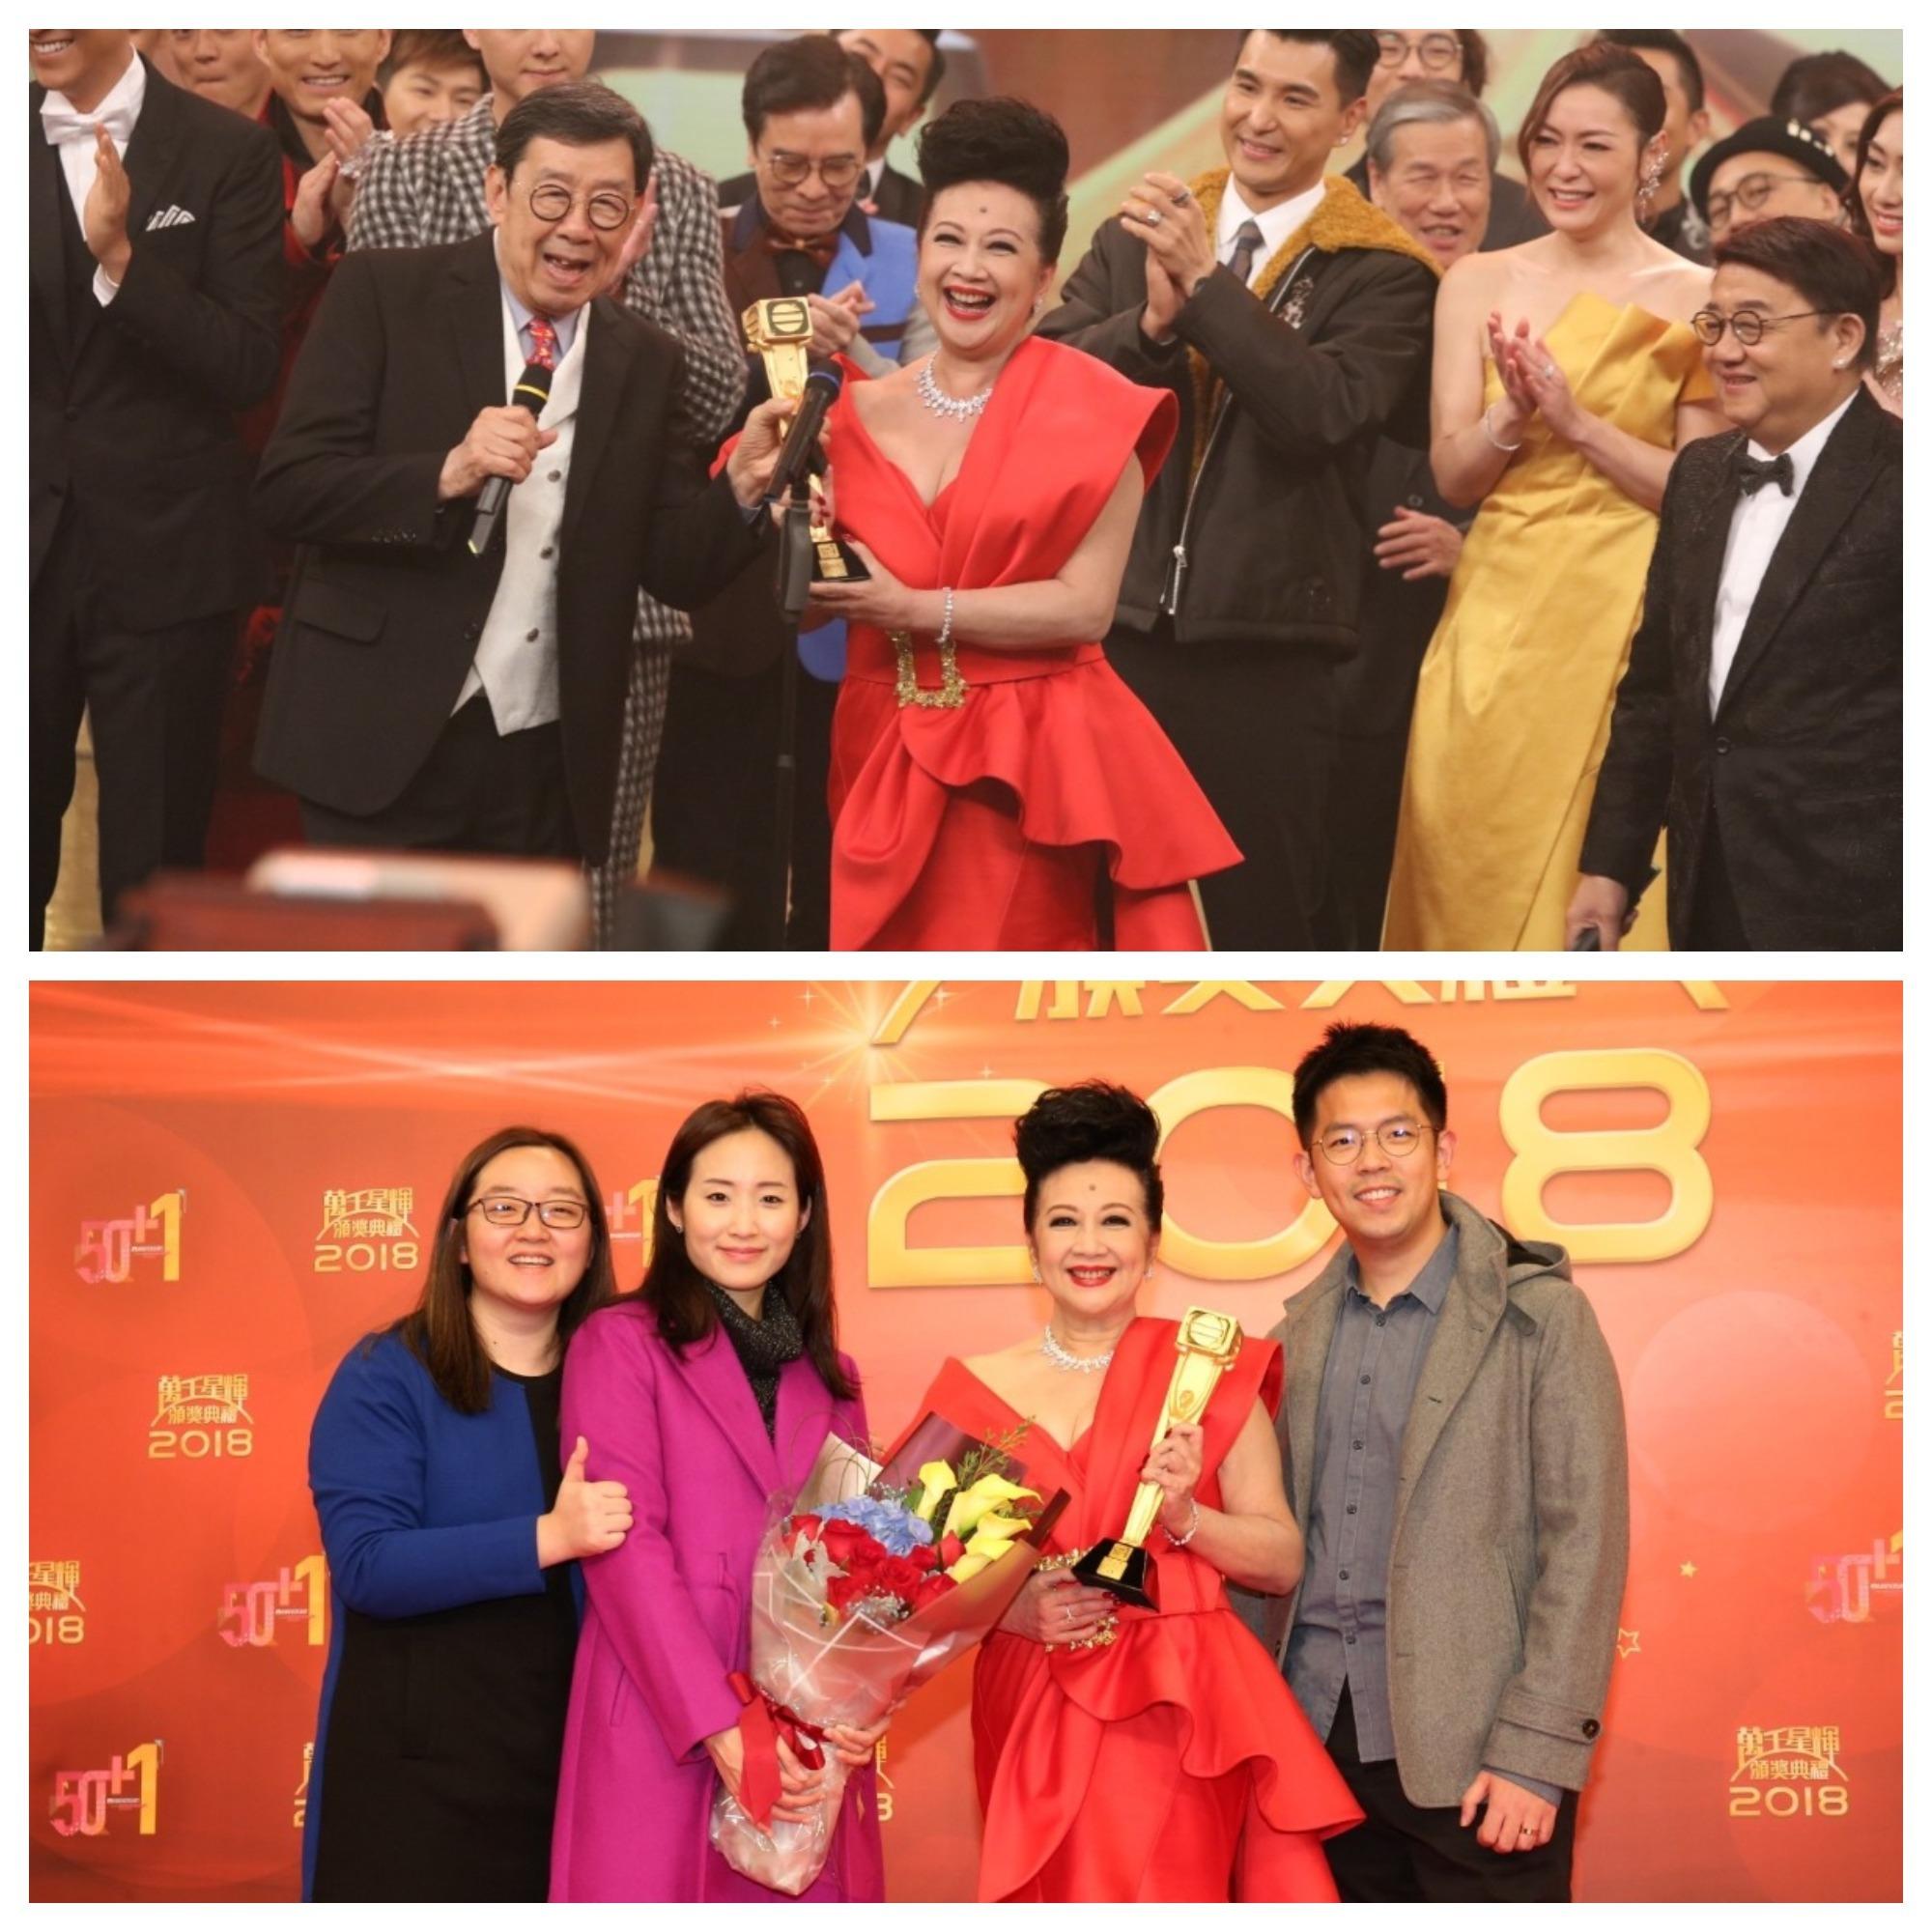 入行六十年的家燕姐獲頒「萬千光輝演藝人大獎」,由好友胡楓及黎小田頒獎給她。